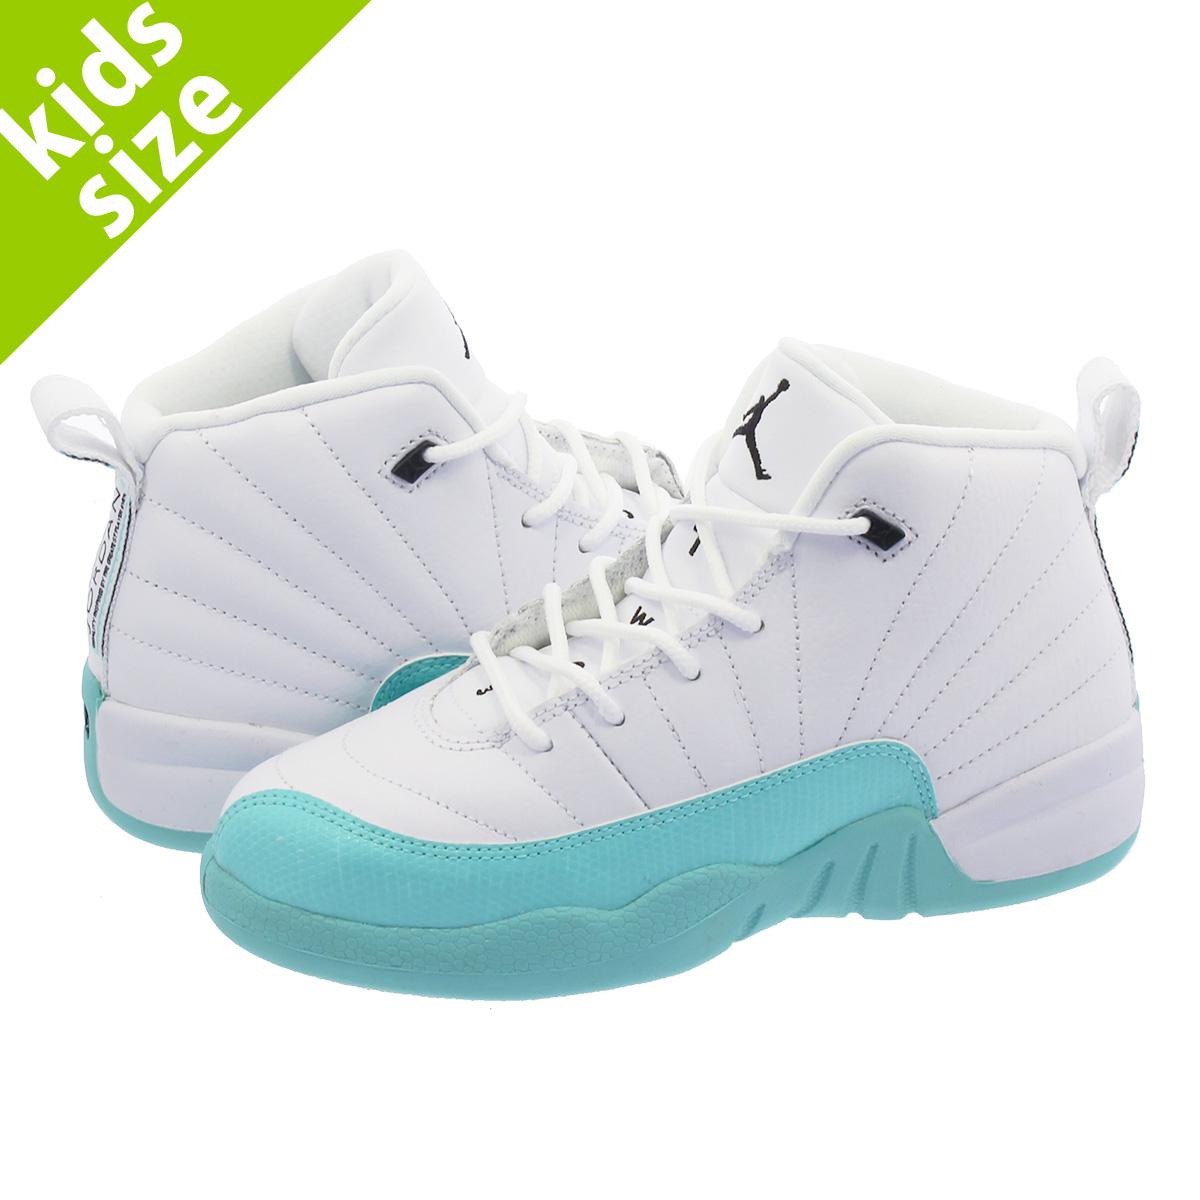 8ecb7b5e3c5 LOWTEX BIG-SMALL SHOP: NIKE AIR JORDAN 12 RETRO PS Nike Air Jordan ...